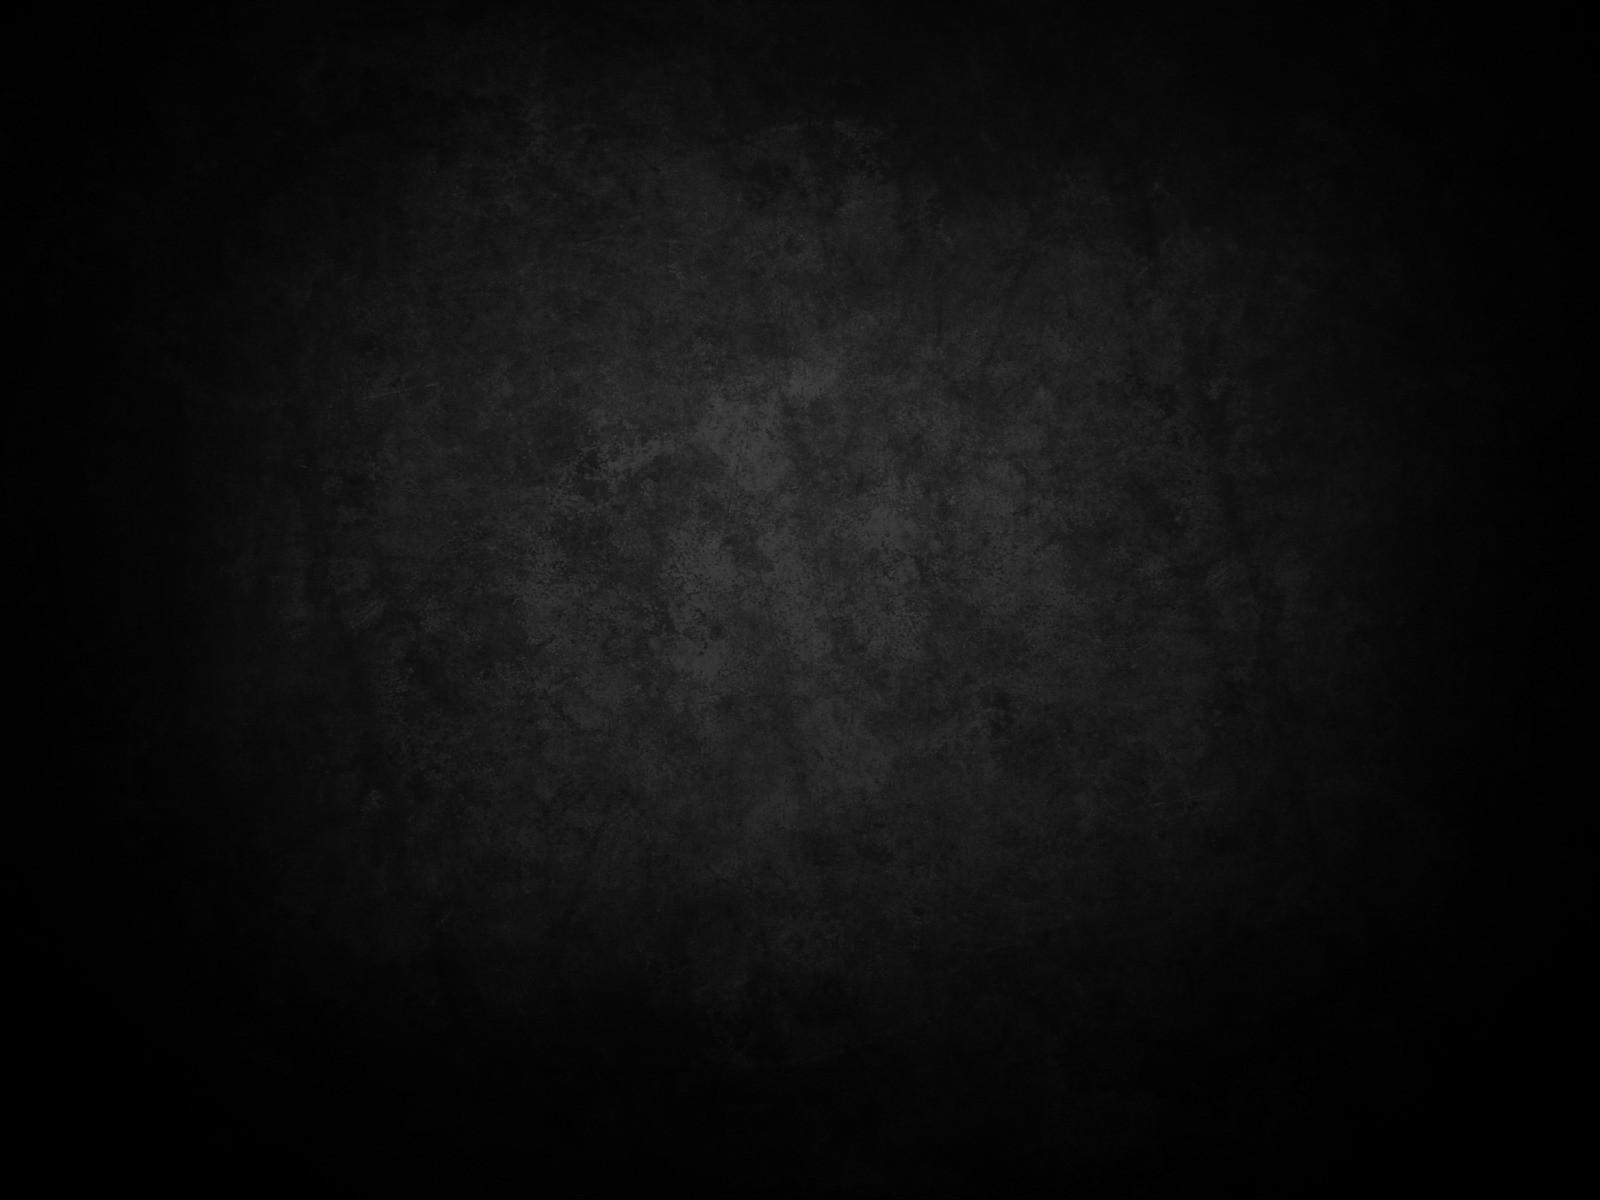 Black and White Powerpoint Template Elegant صور وخلفيات سوداء سادة للتصميم – موقع حصري